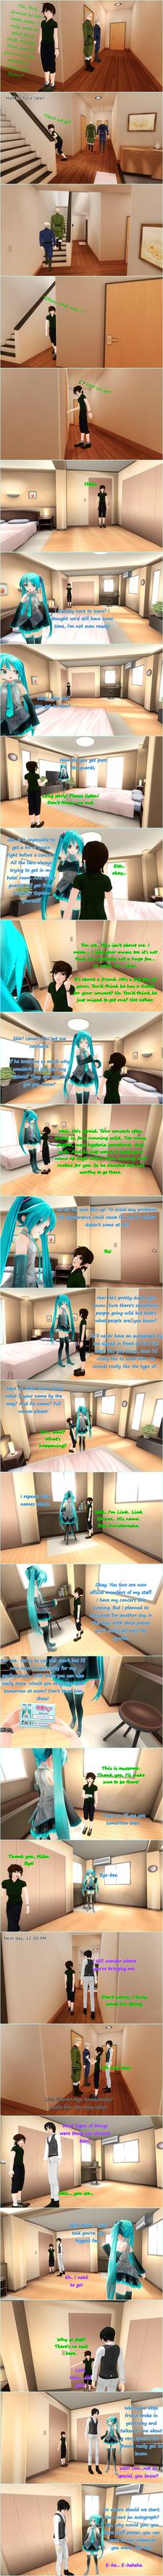 Meeting your fan by haoLink